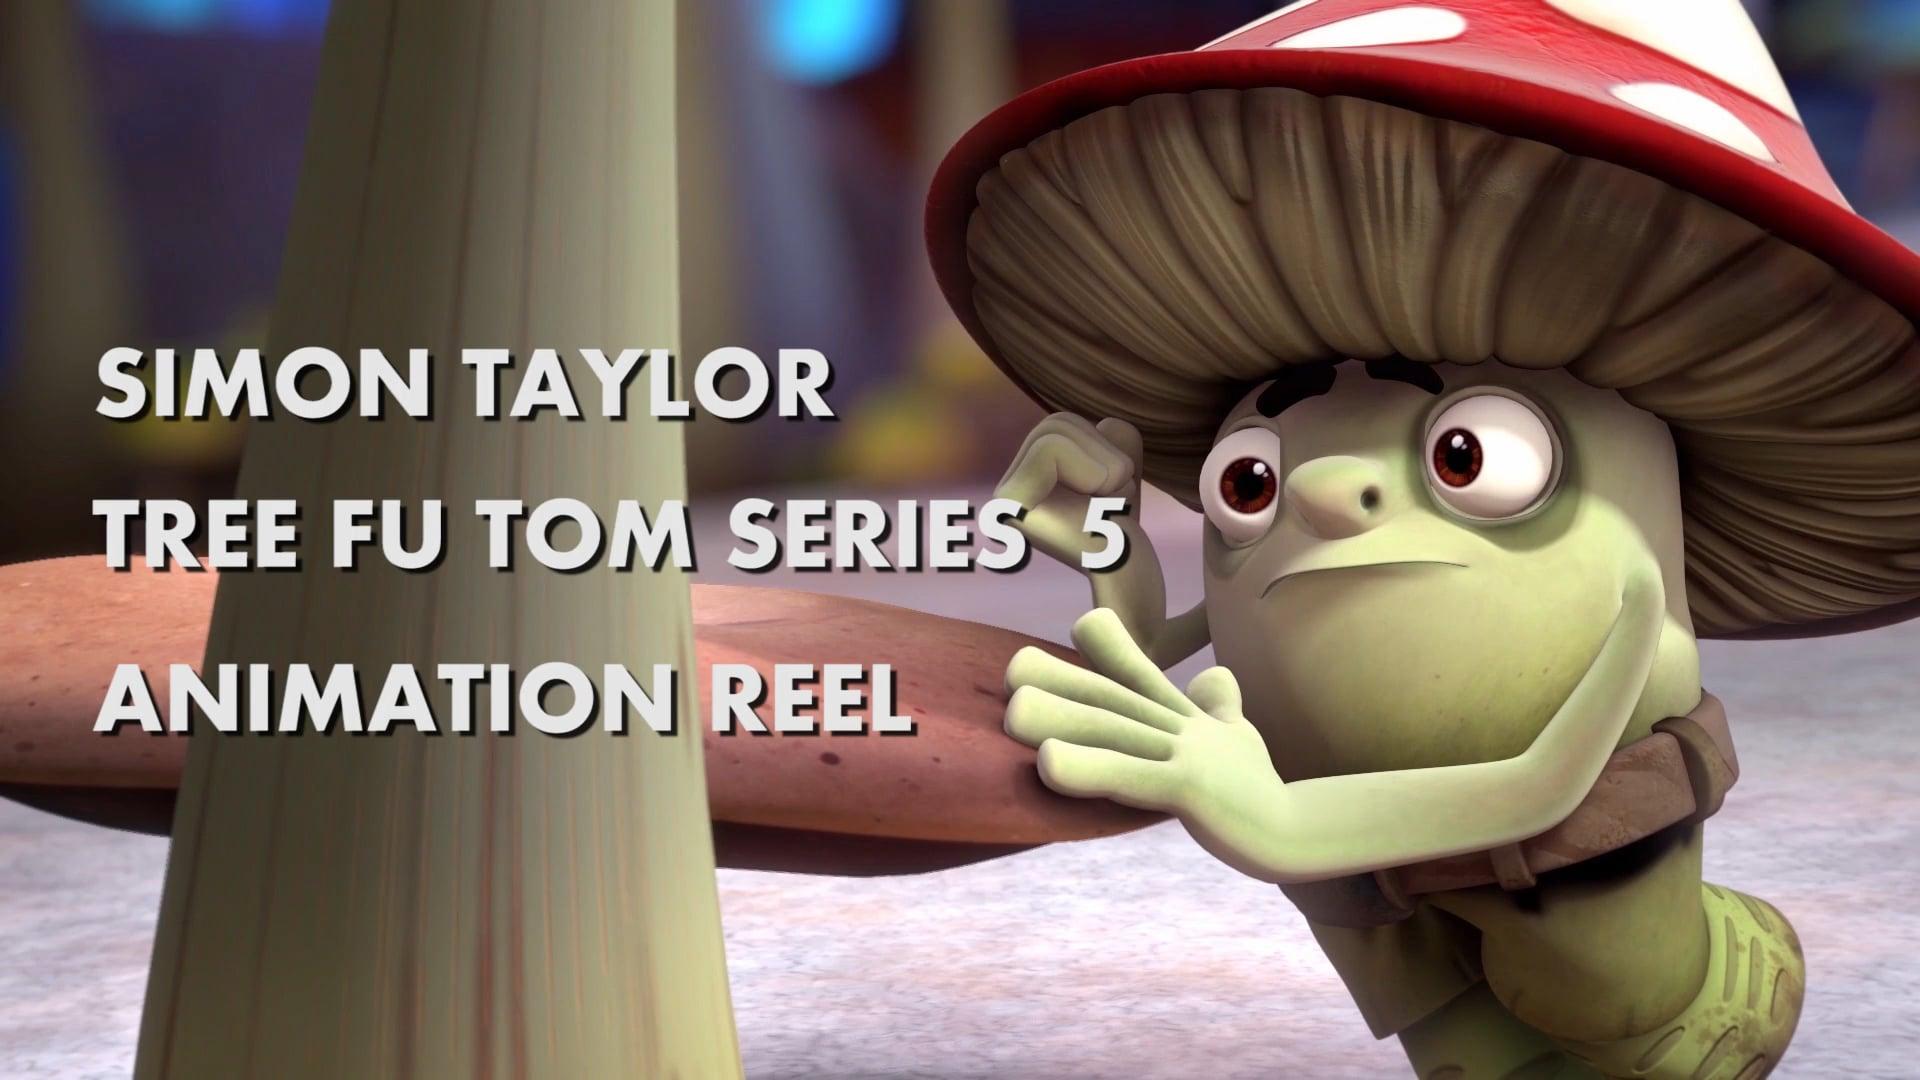 Tree Fu Tom Series 5 Animation Reel